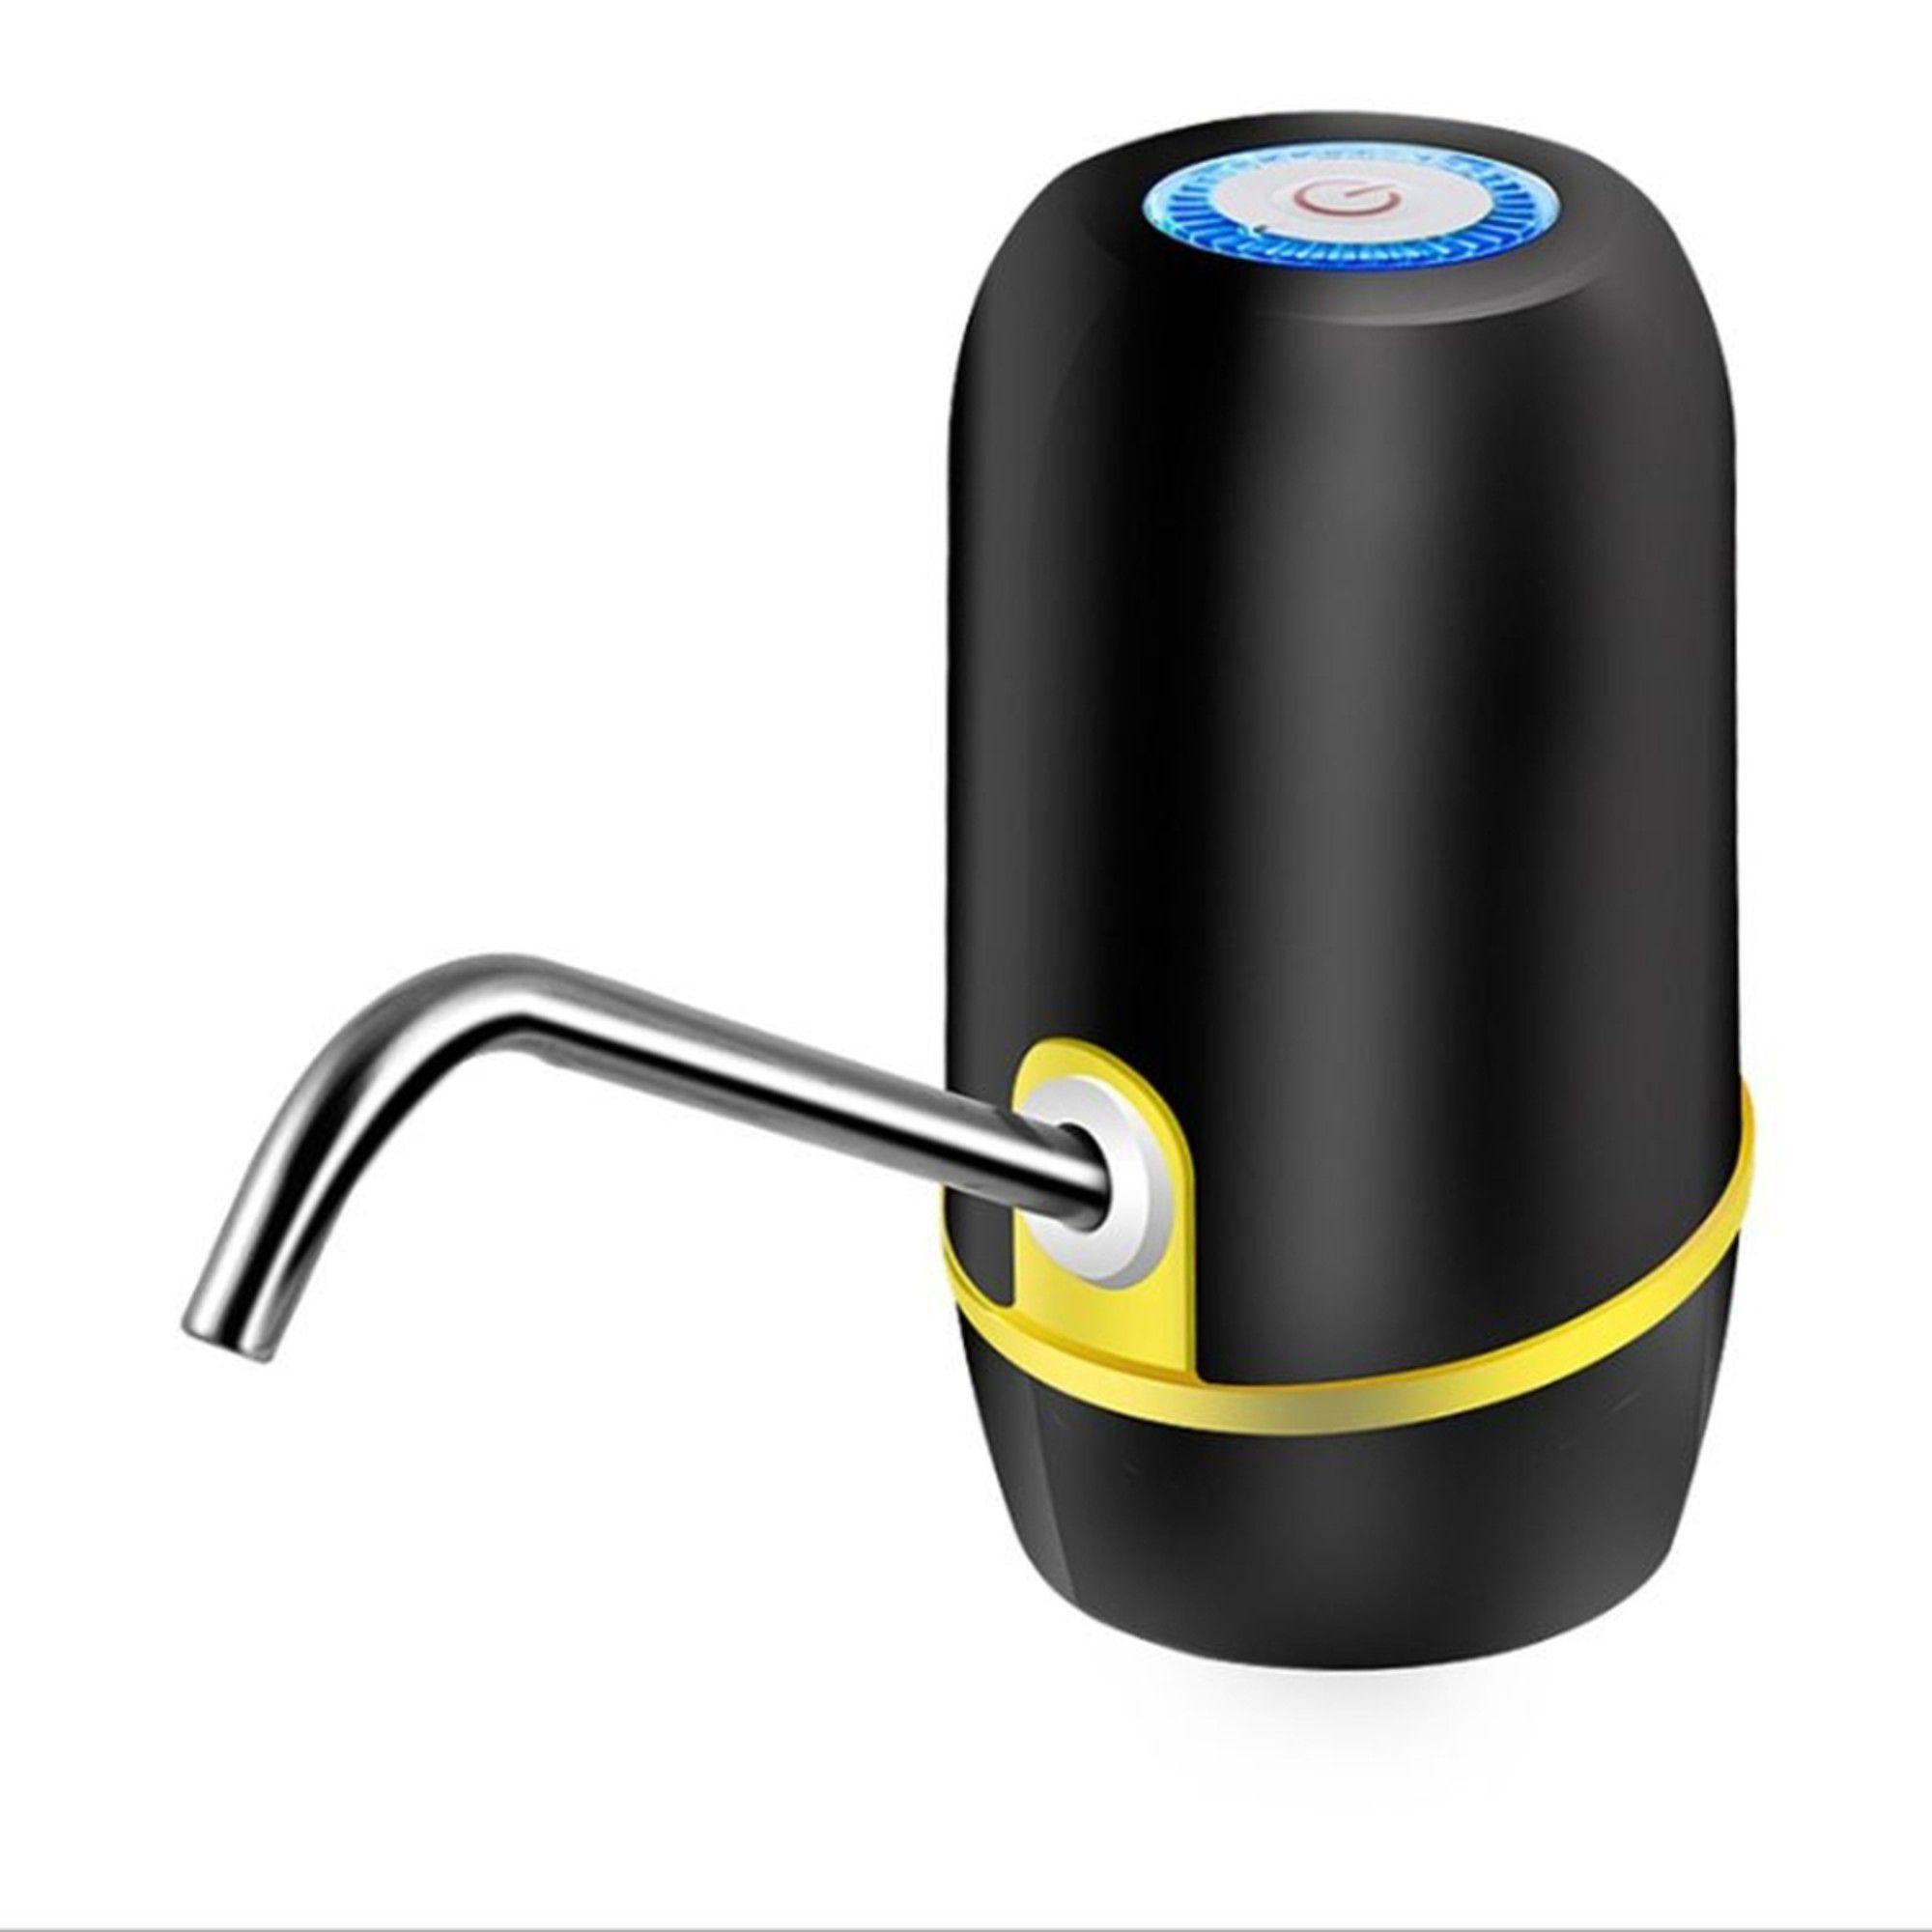 Bomba Elétrica P/ Galão Água Automática Recarregável